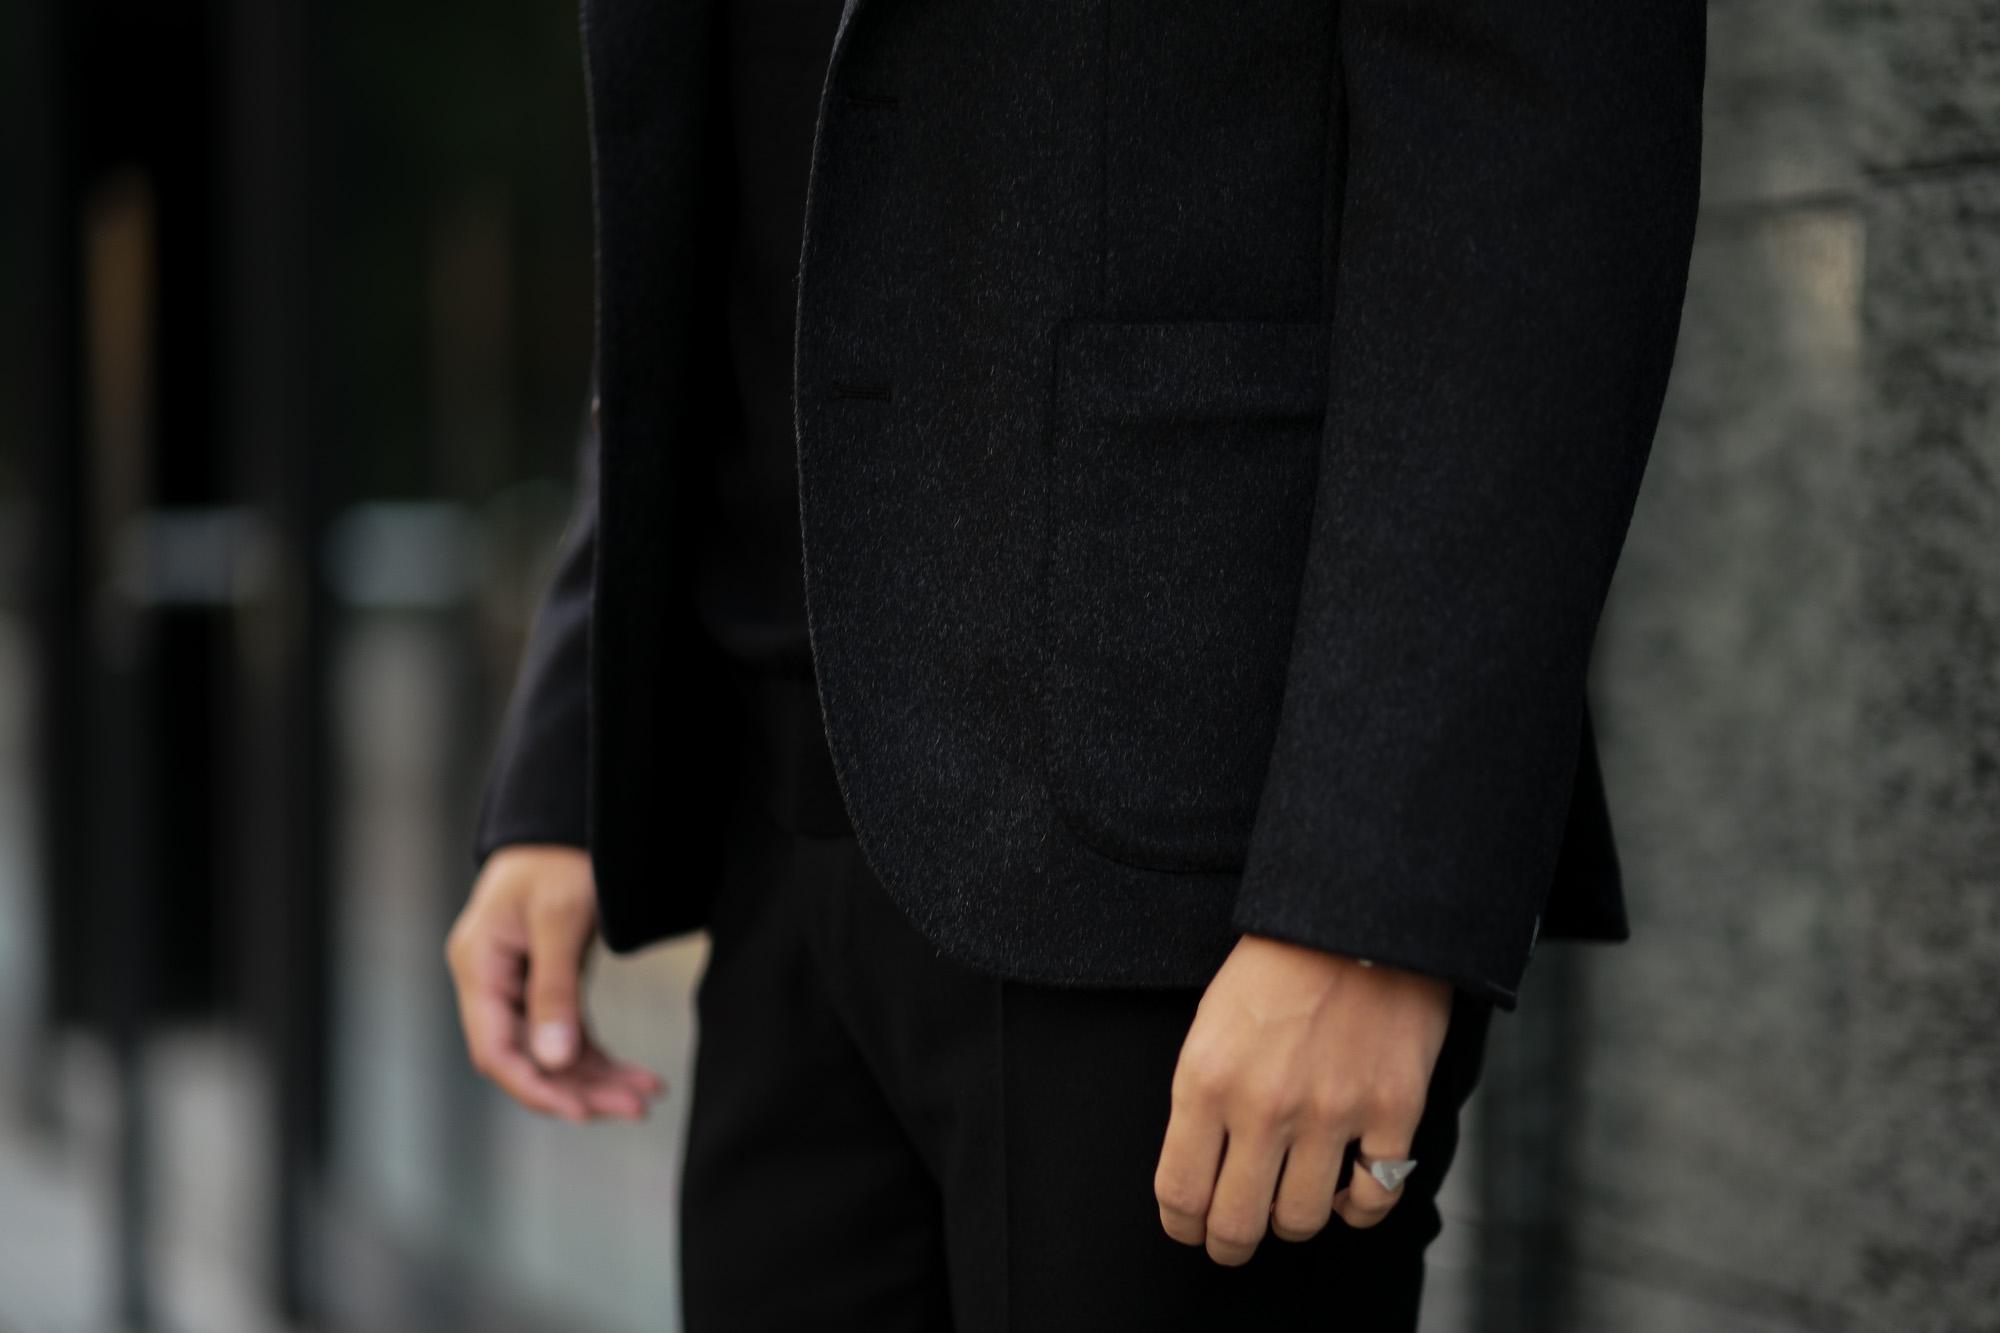 cuervo bopohaクエルボ ヴァローナ Gaudí ガウディ Ermenegildo Zegna エルメネジルド・ゼニア カシミアジャケット CHARCOAL GRAY チャコールグレー 日本製 2020秋冬 SpecialModel 愛知 名古屋 Alto e Diritto アルトエデリット